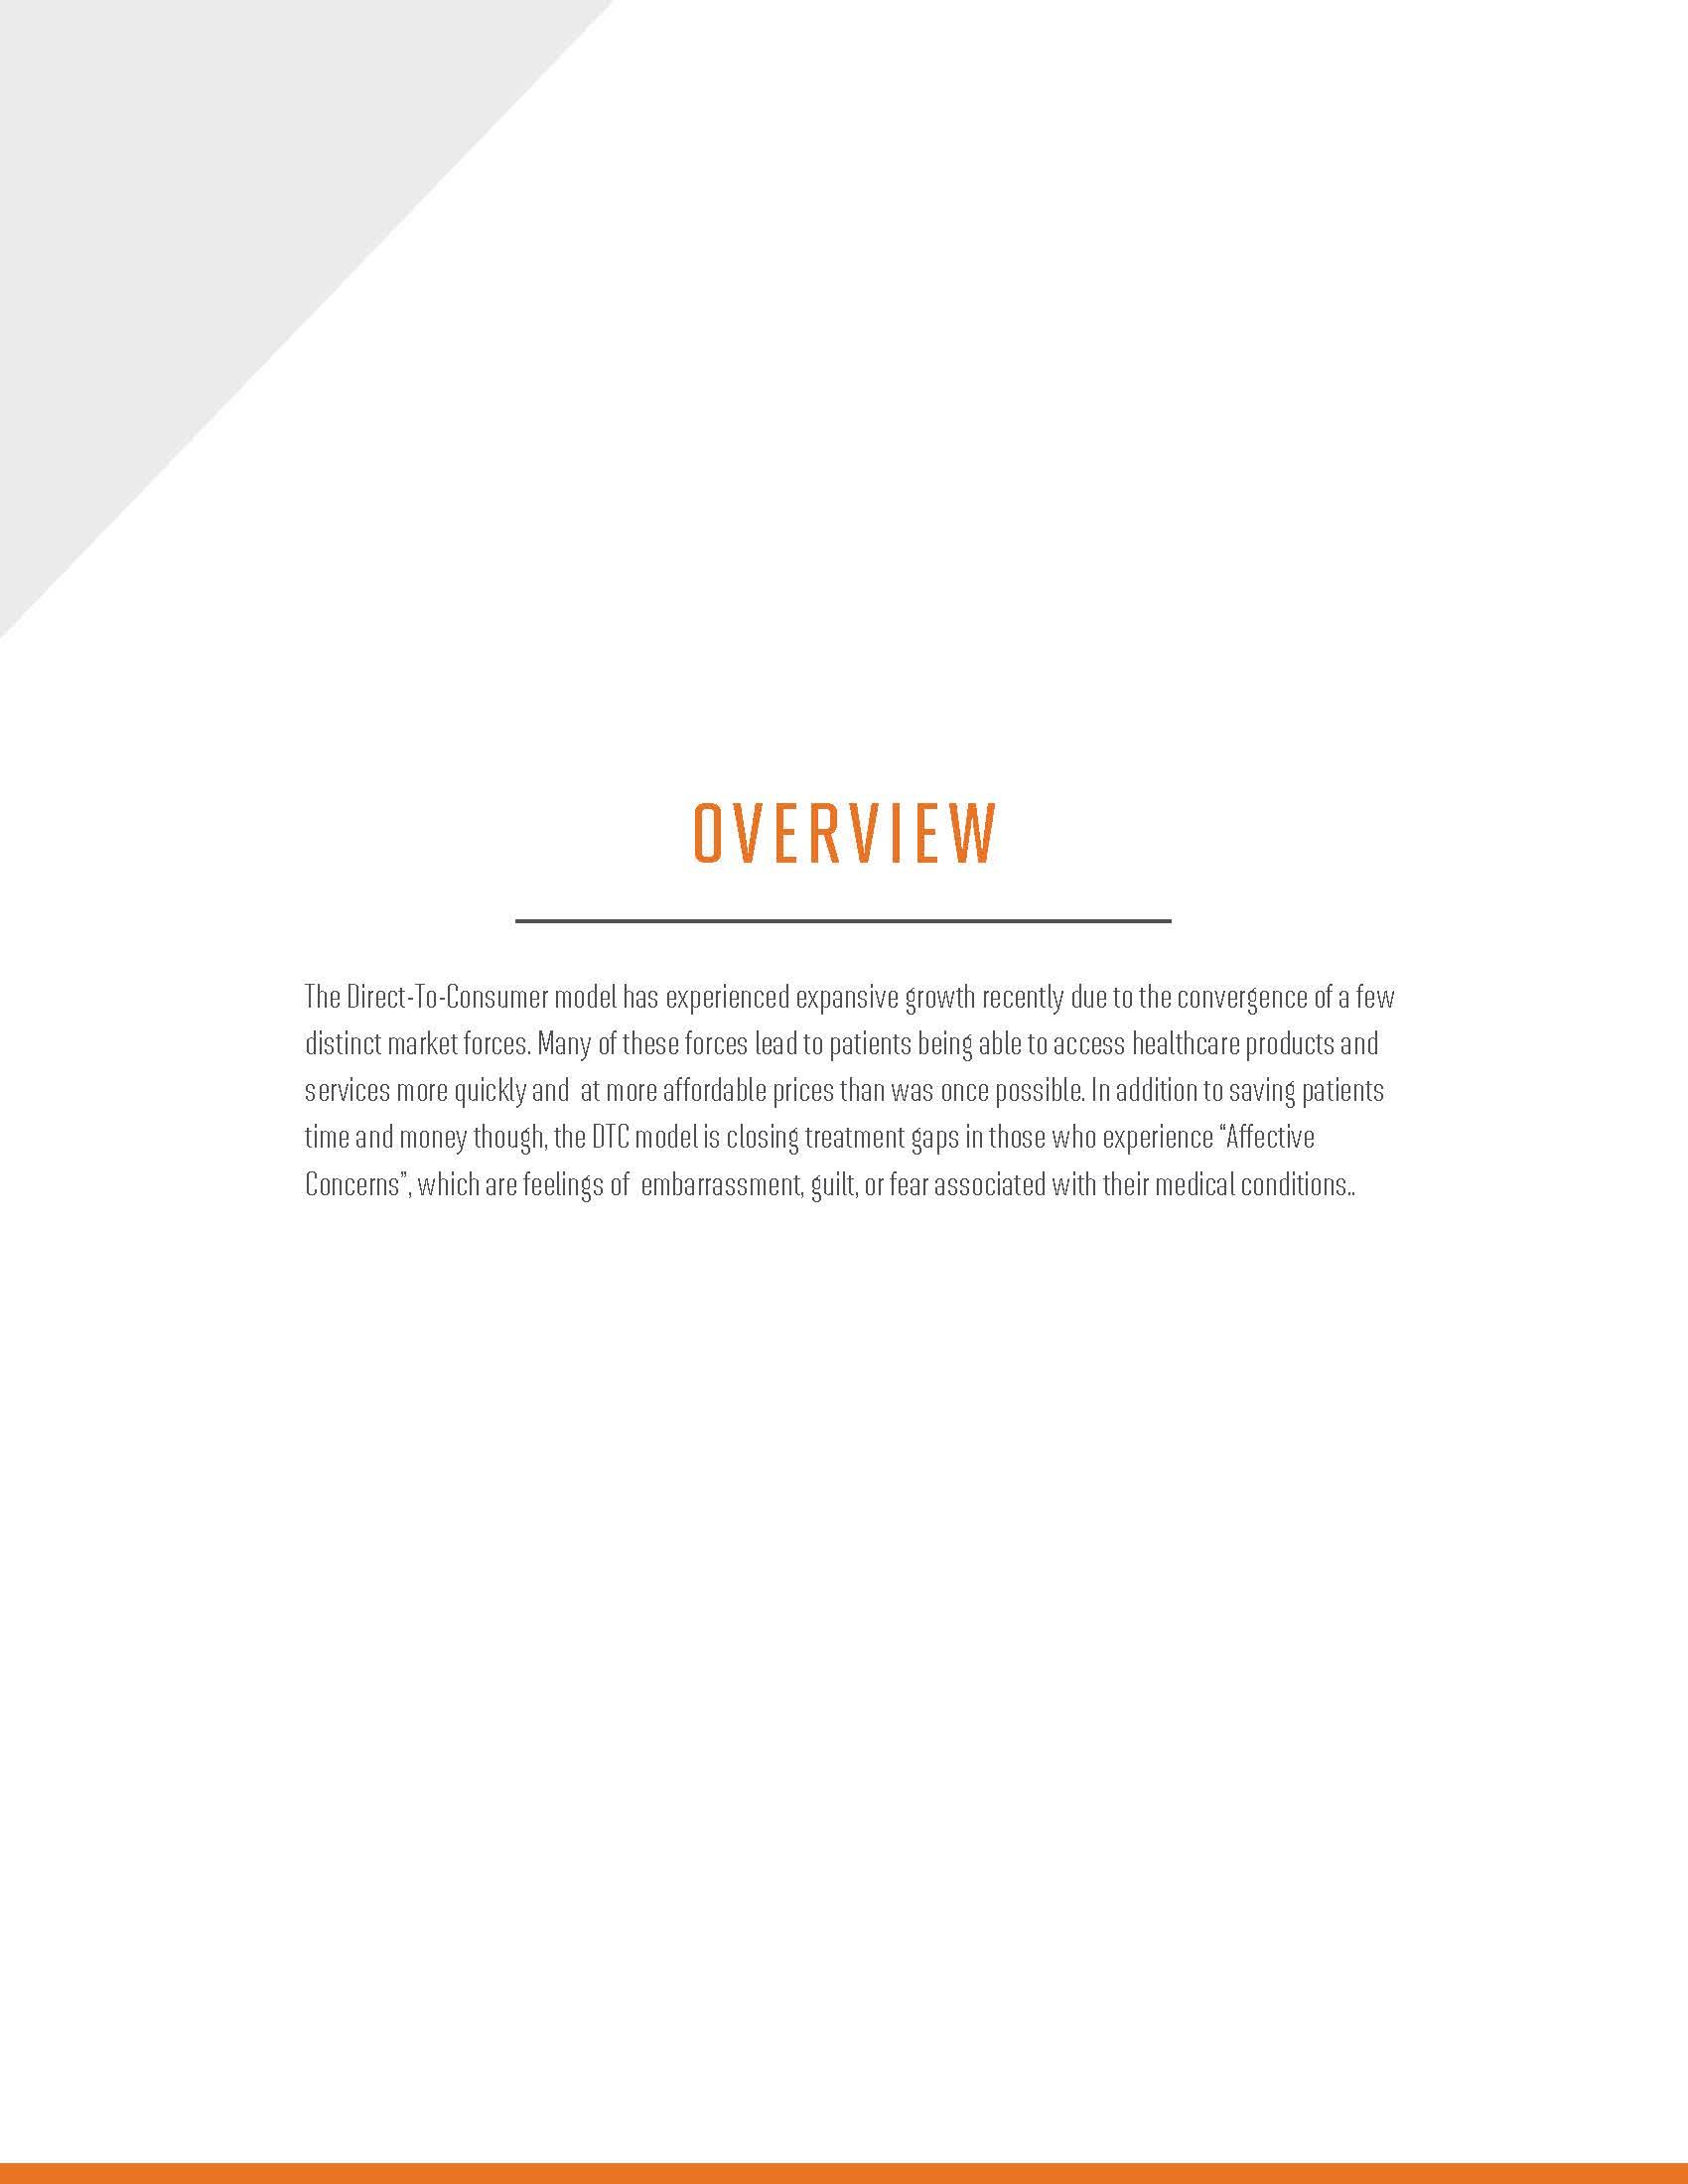 JSF_BridgingTreatmentGapsDTC_3-13_Page_03.jpg